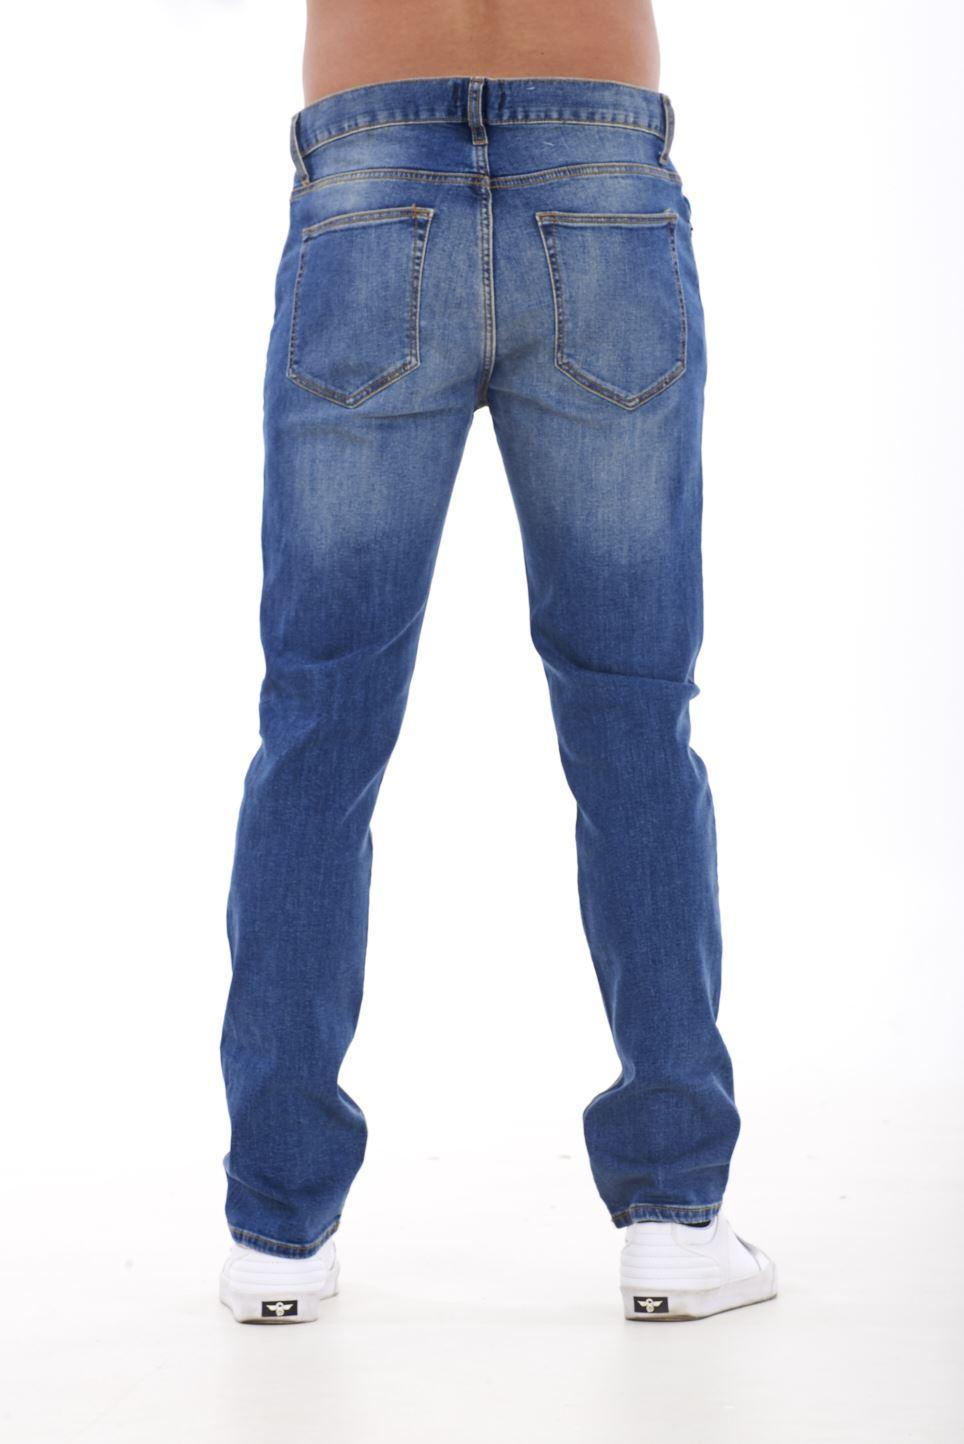 NUOVA-Linea-Uomo-Ragazzi-Slim-Fit-Stretch-Qualita-Jeans-Regolare-Pantaloni-con-marchio-SMART-30-40 miniatura 7